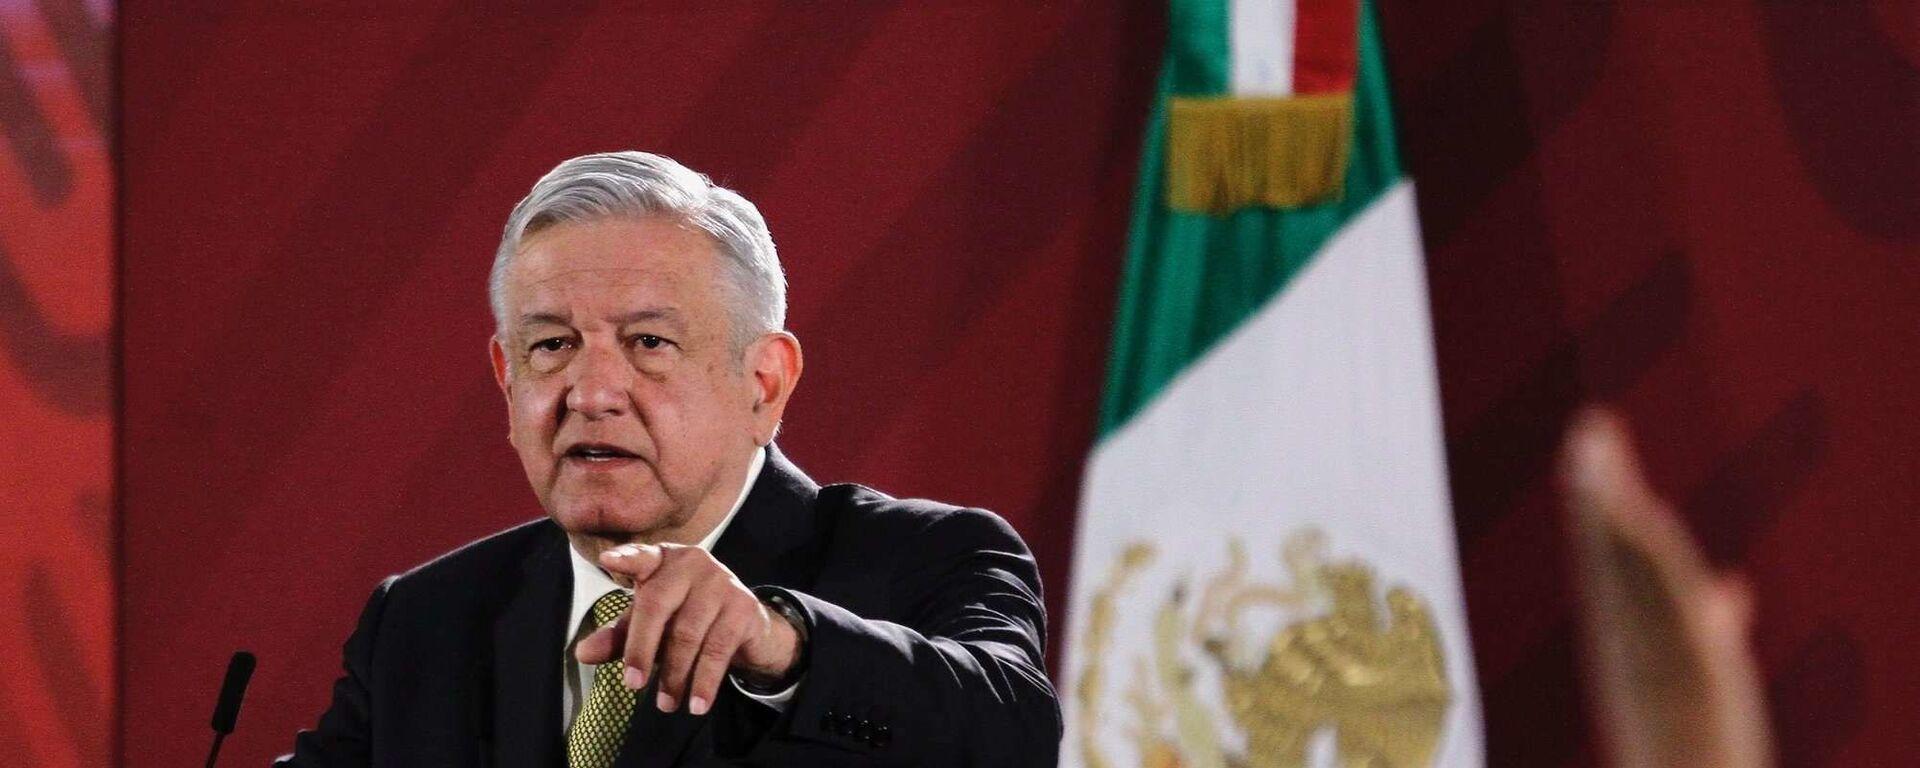 Andrés Manuel López Obrador, presidente de México - Sputnik Mundo, 1920, 23.12.2020